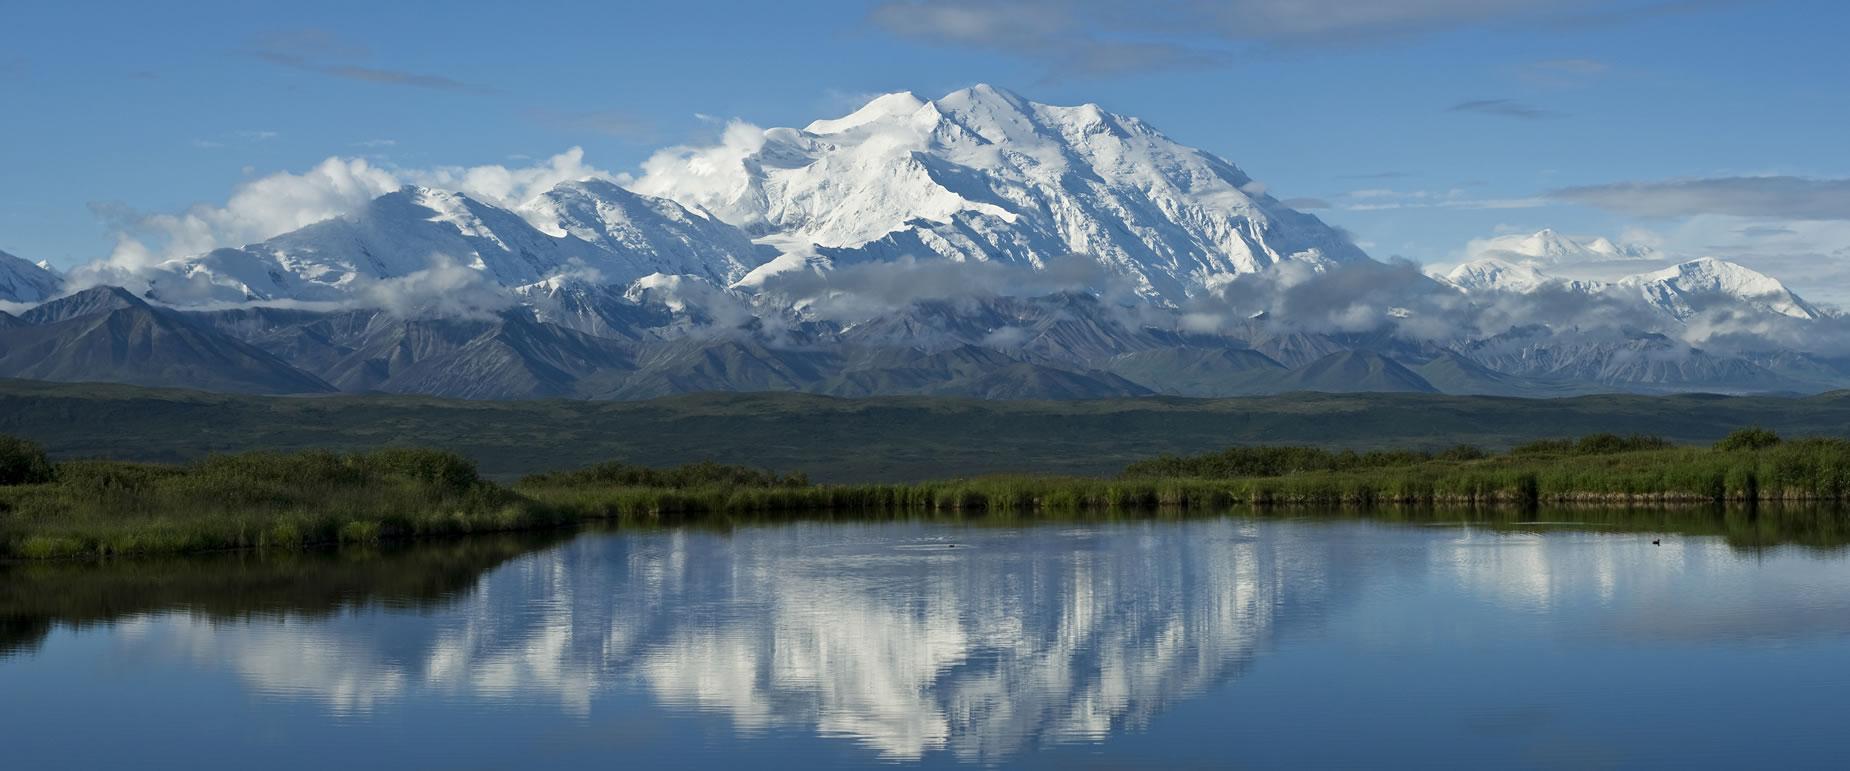 Alaska Tour Travel